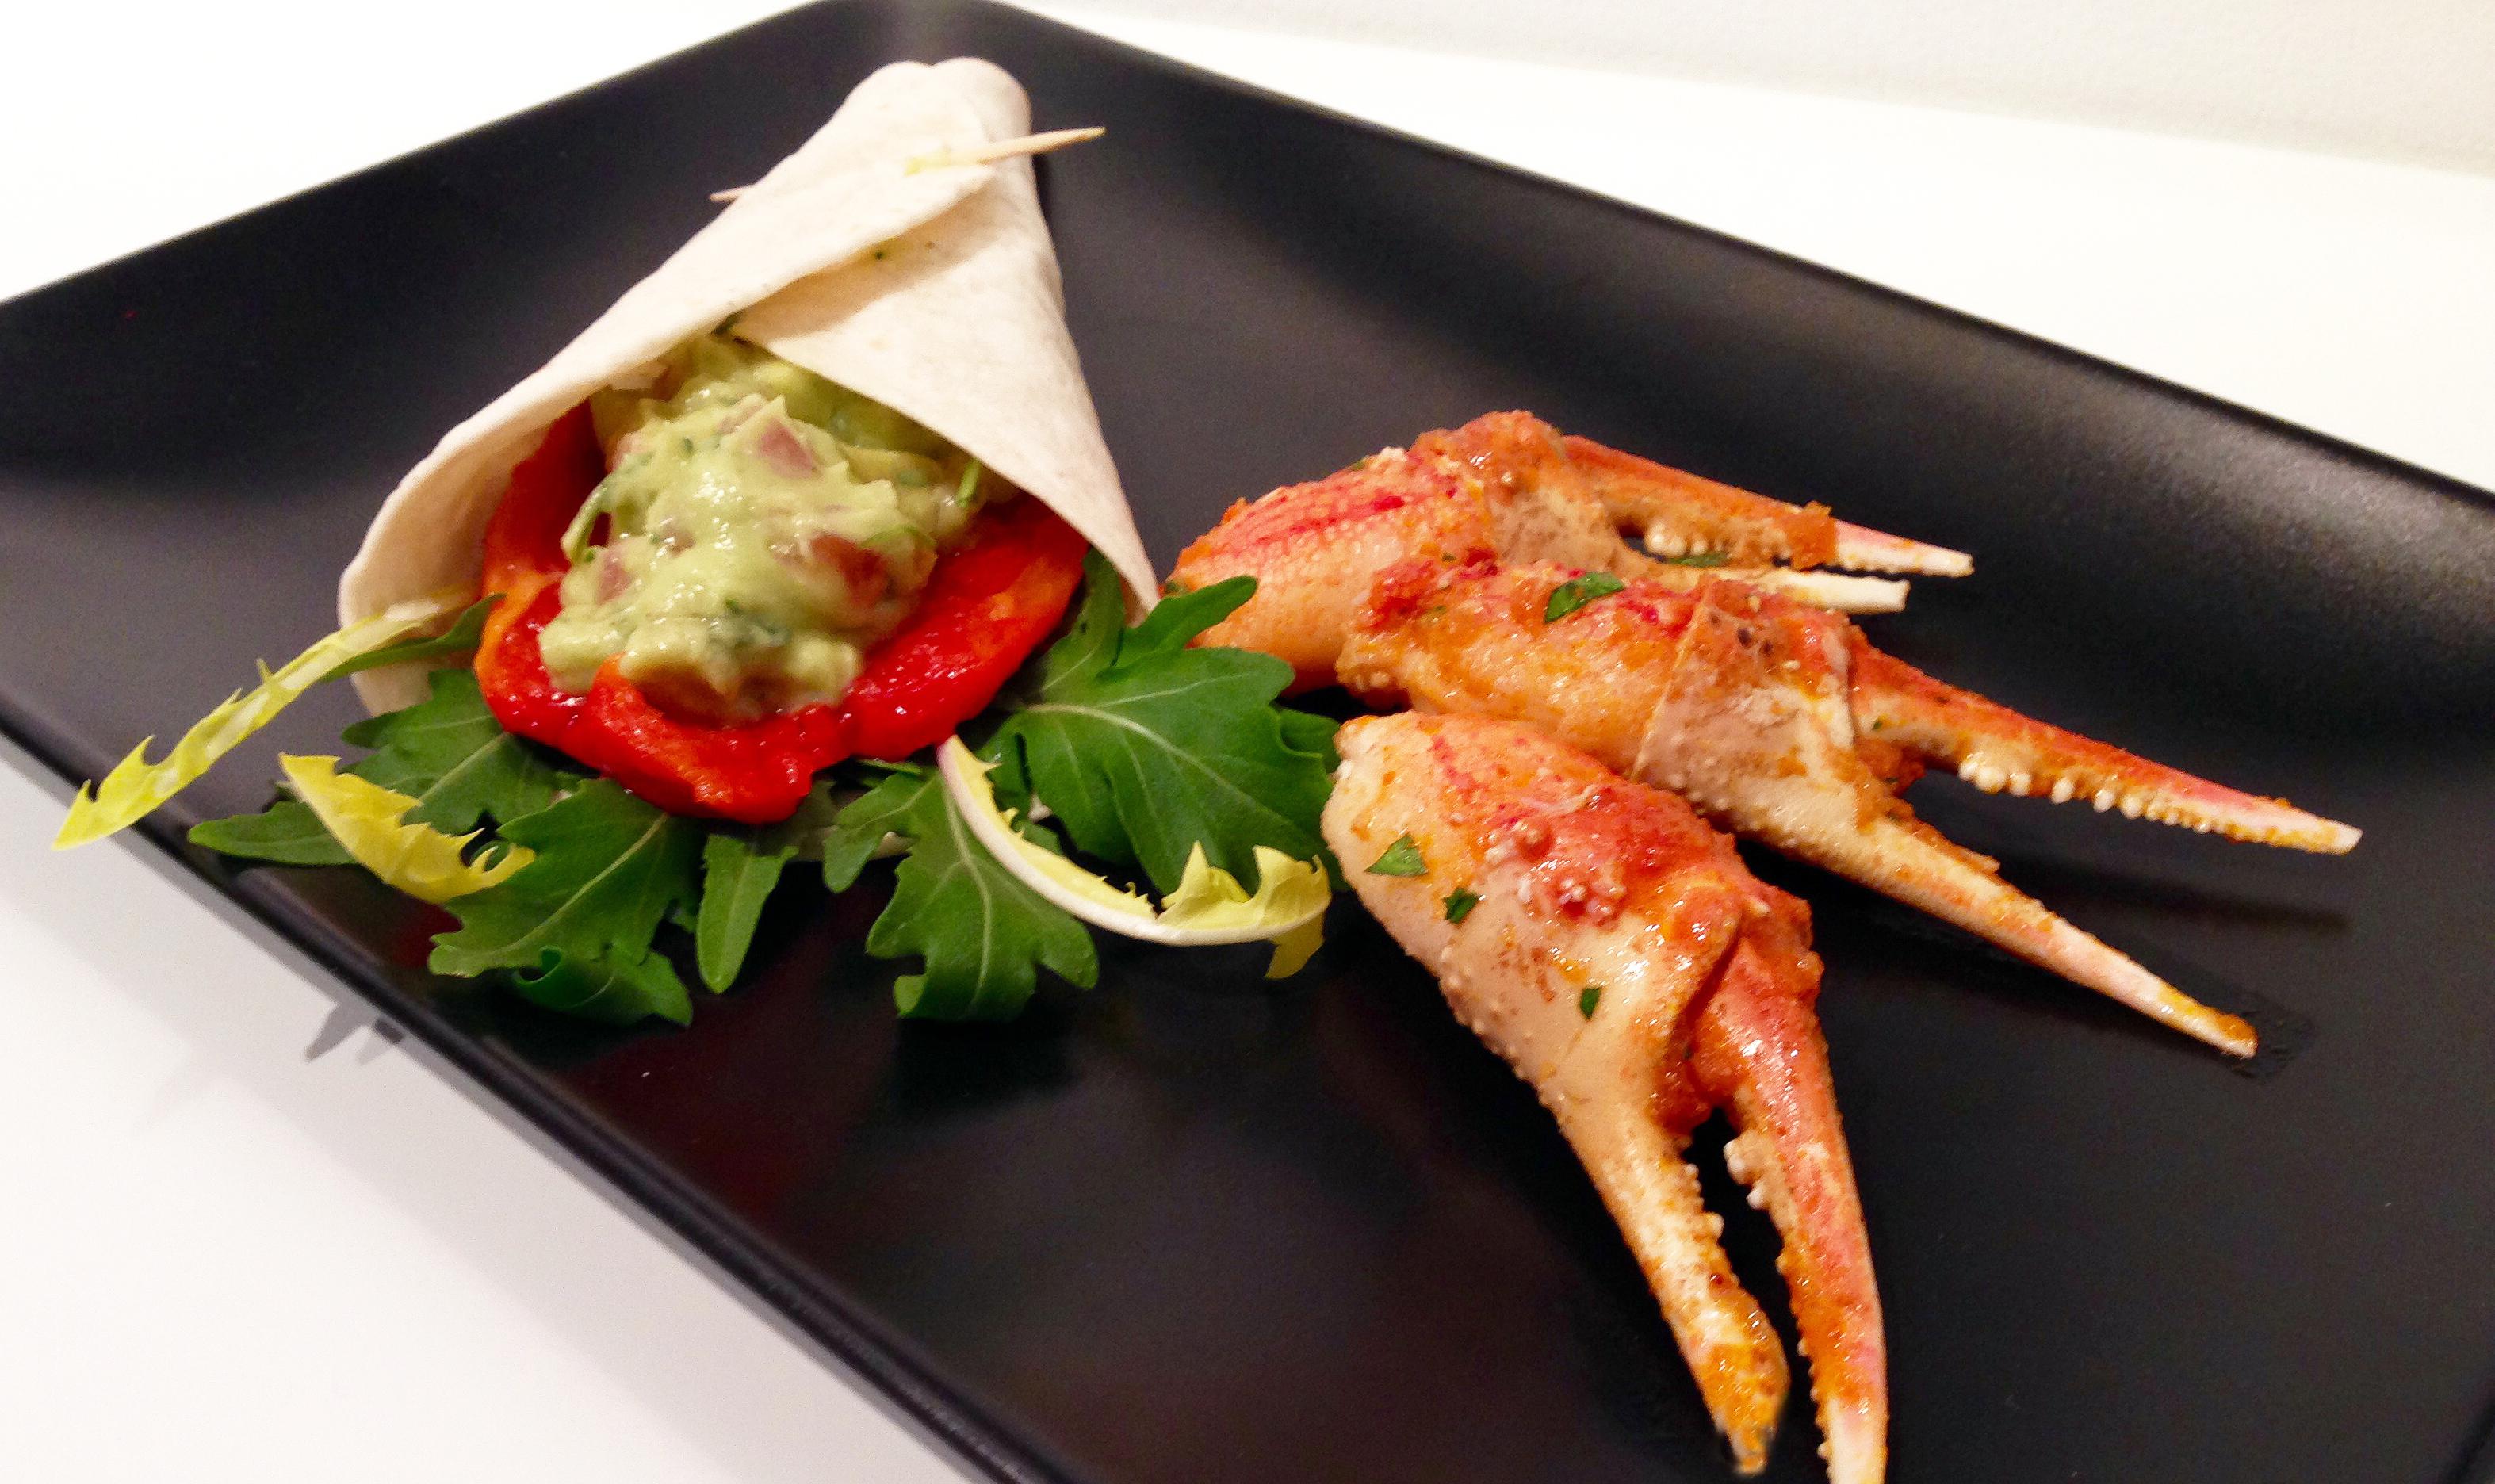 wraps aux avocats pinces de crabe satay la recette facile par toqu s 2 cuisine. Black Bedroom Furniture Sets. Home Design Ideas